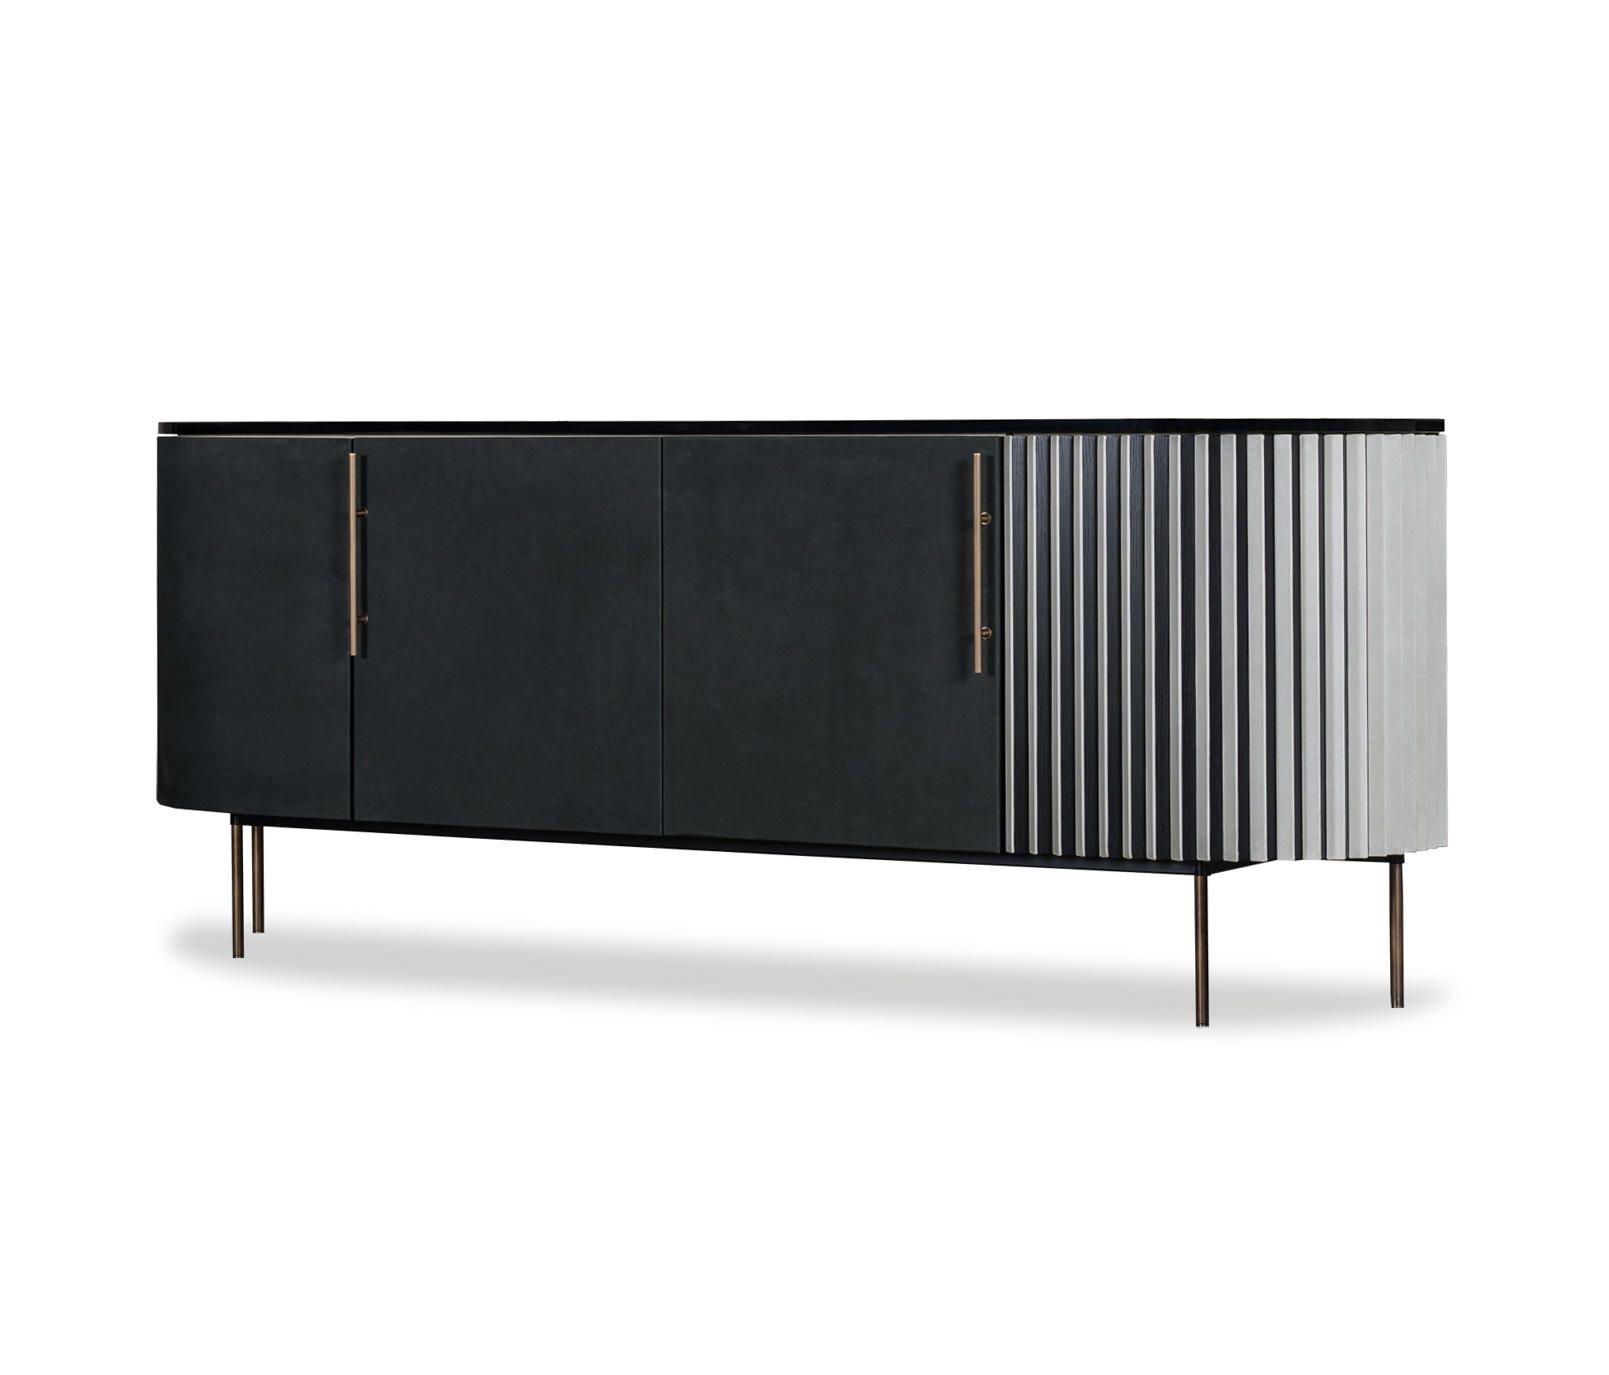 Plisse Low Cabinet Designer Sideboards From Baxter All